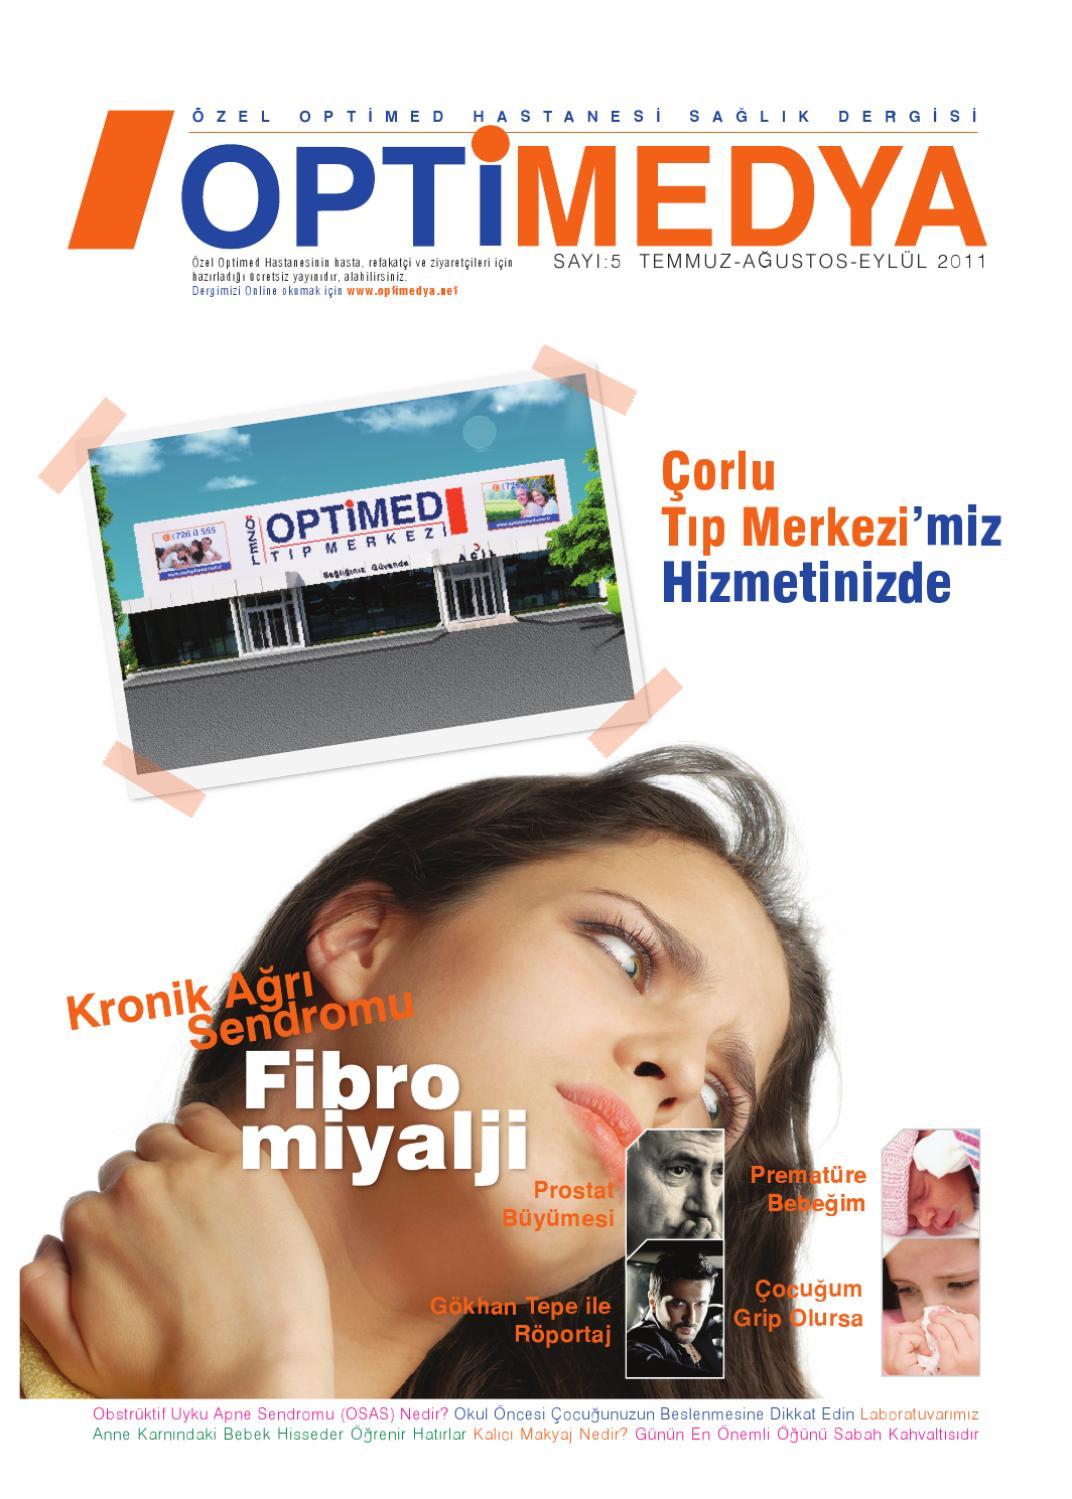 Deodorant Kristal, doktorların incelemeleri ve özellikleri 84